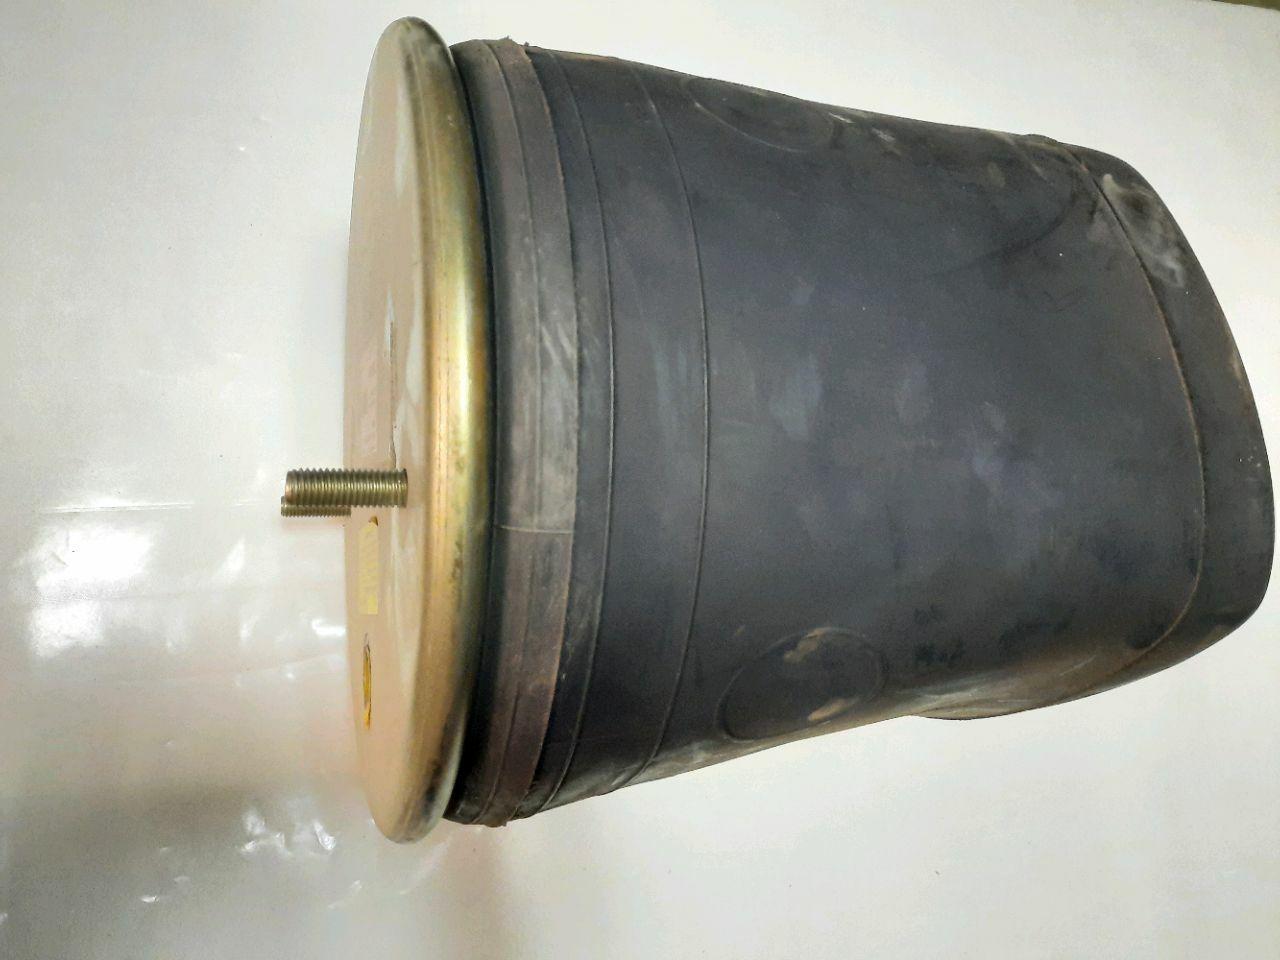 Balon pneumatic (942 MB) BPW